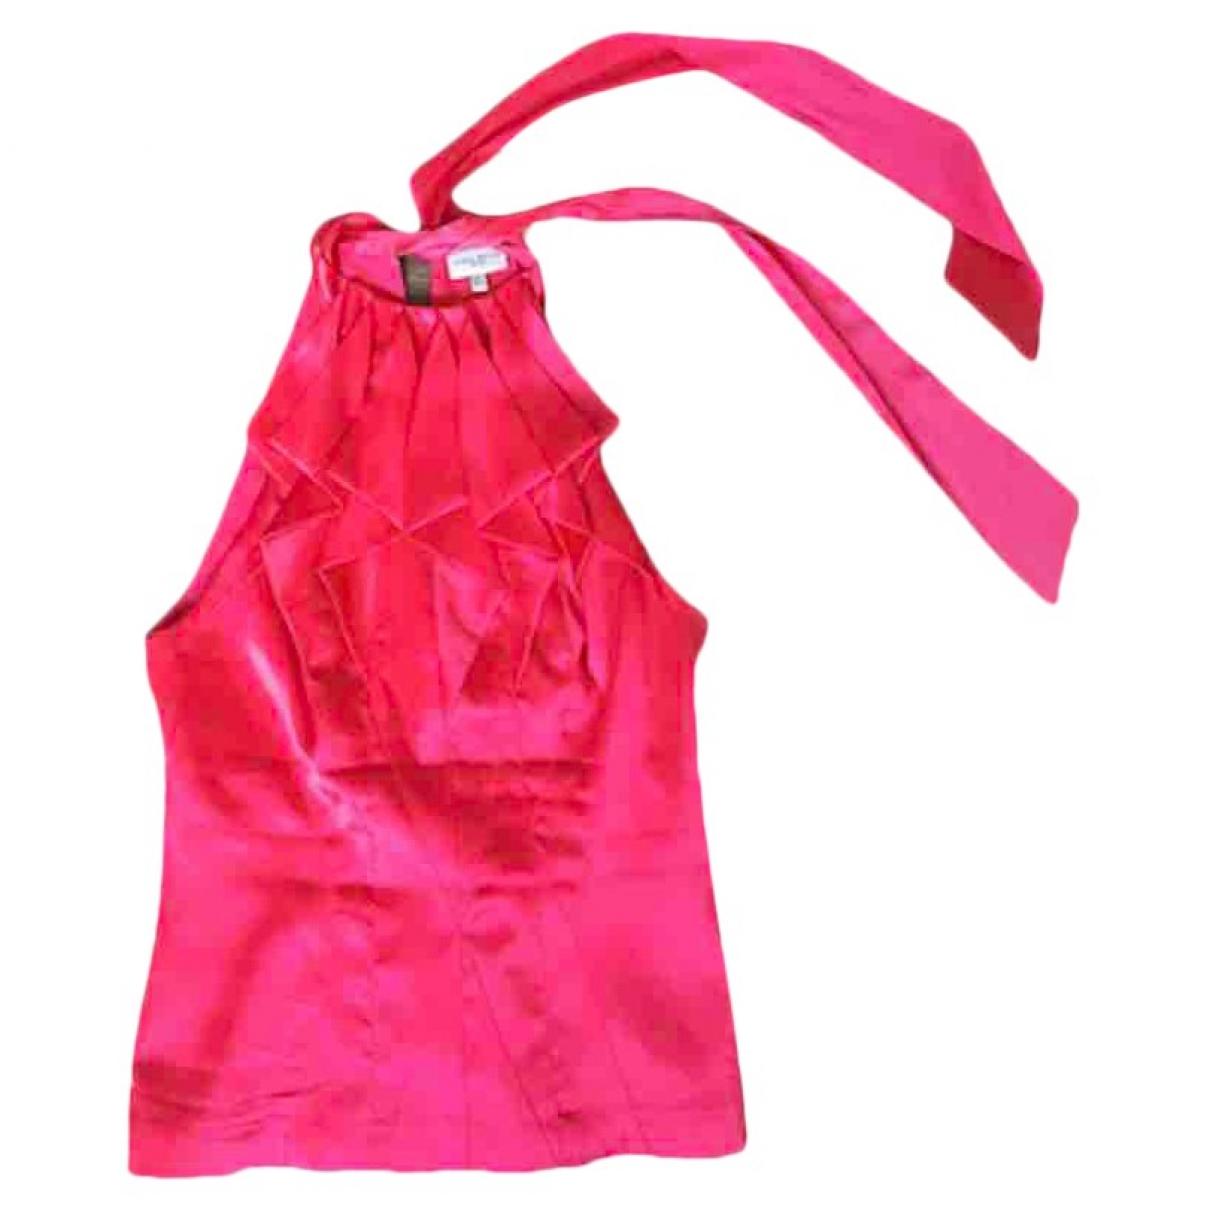 Karen Millen - Top   pour femme en soie - rouge